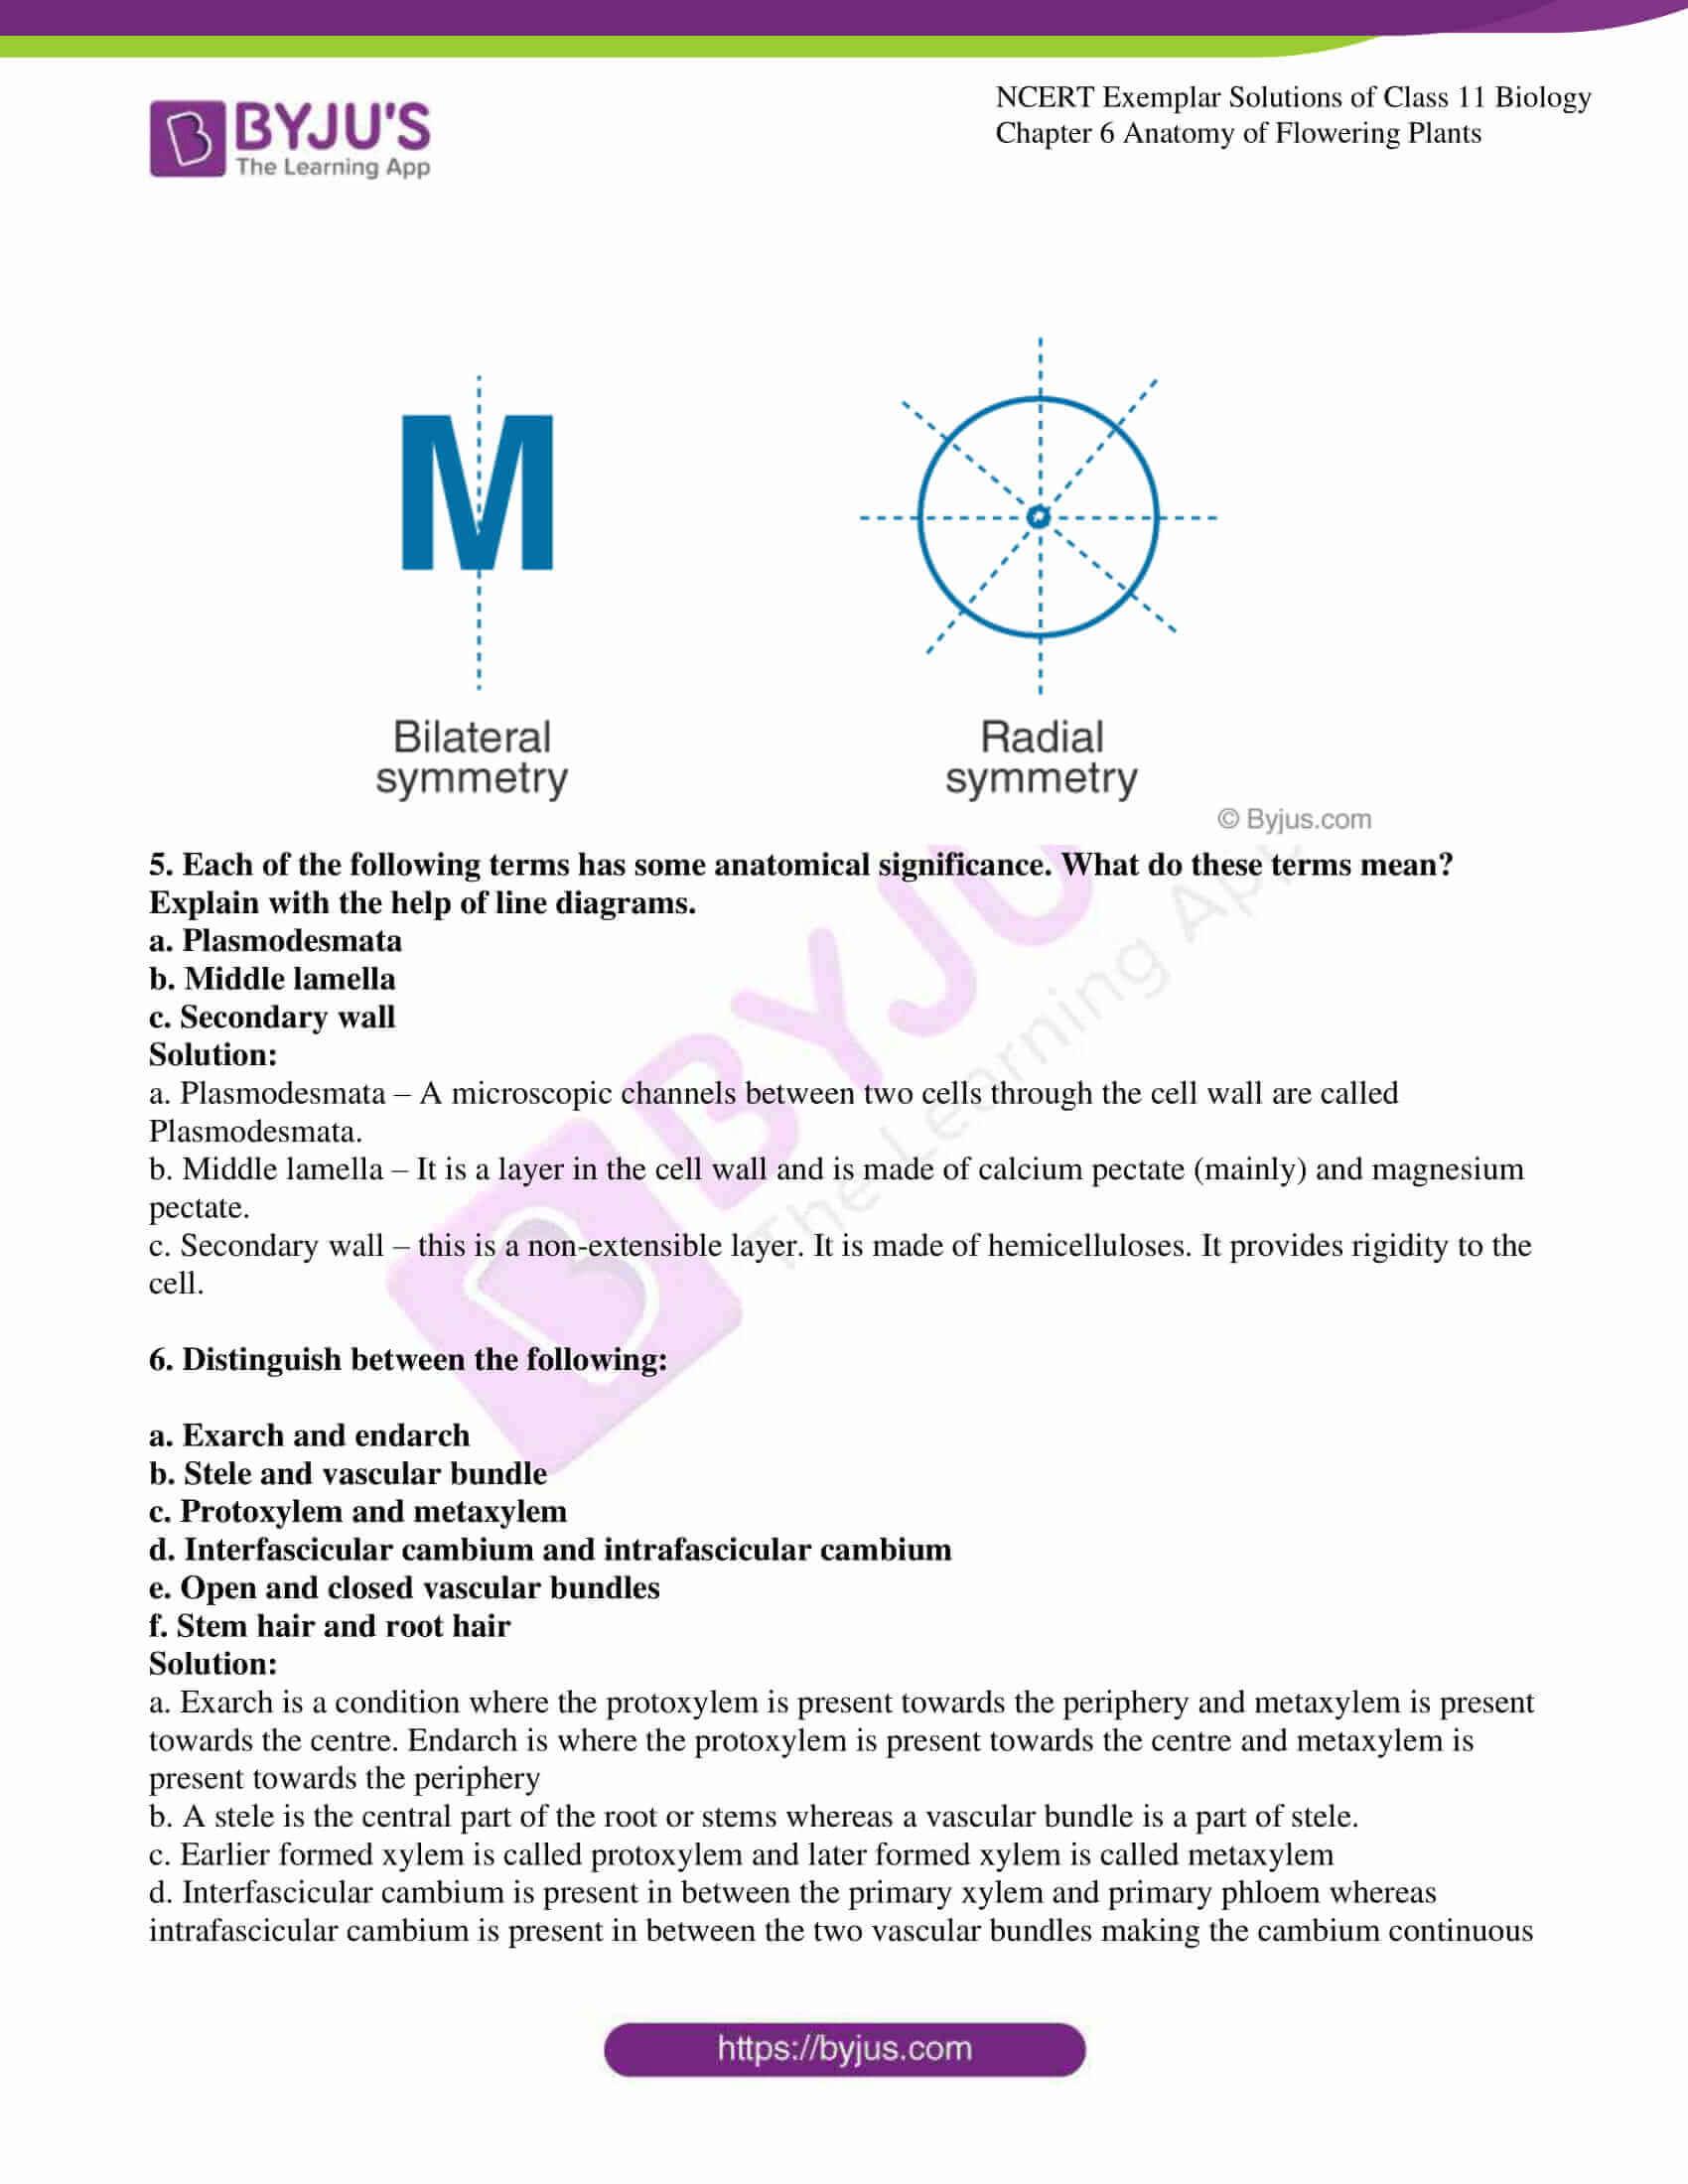 ncert exemplar solutions class 11 biology chapter 6 11